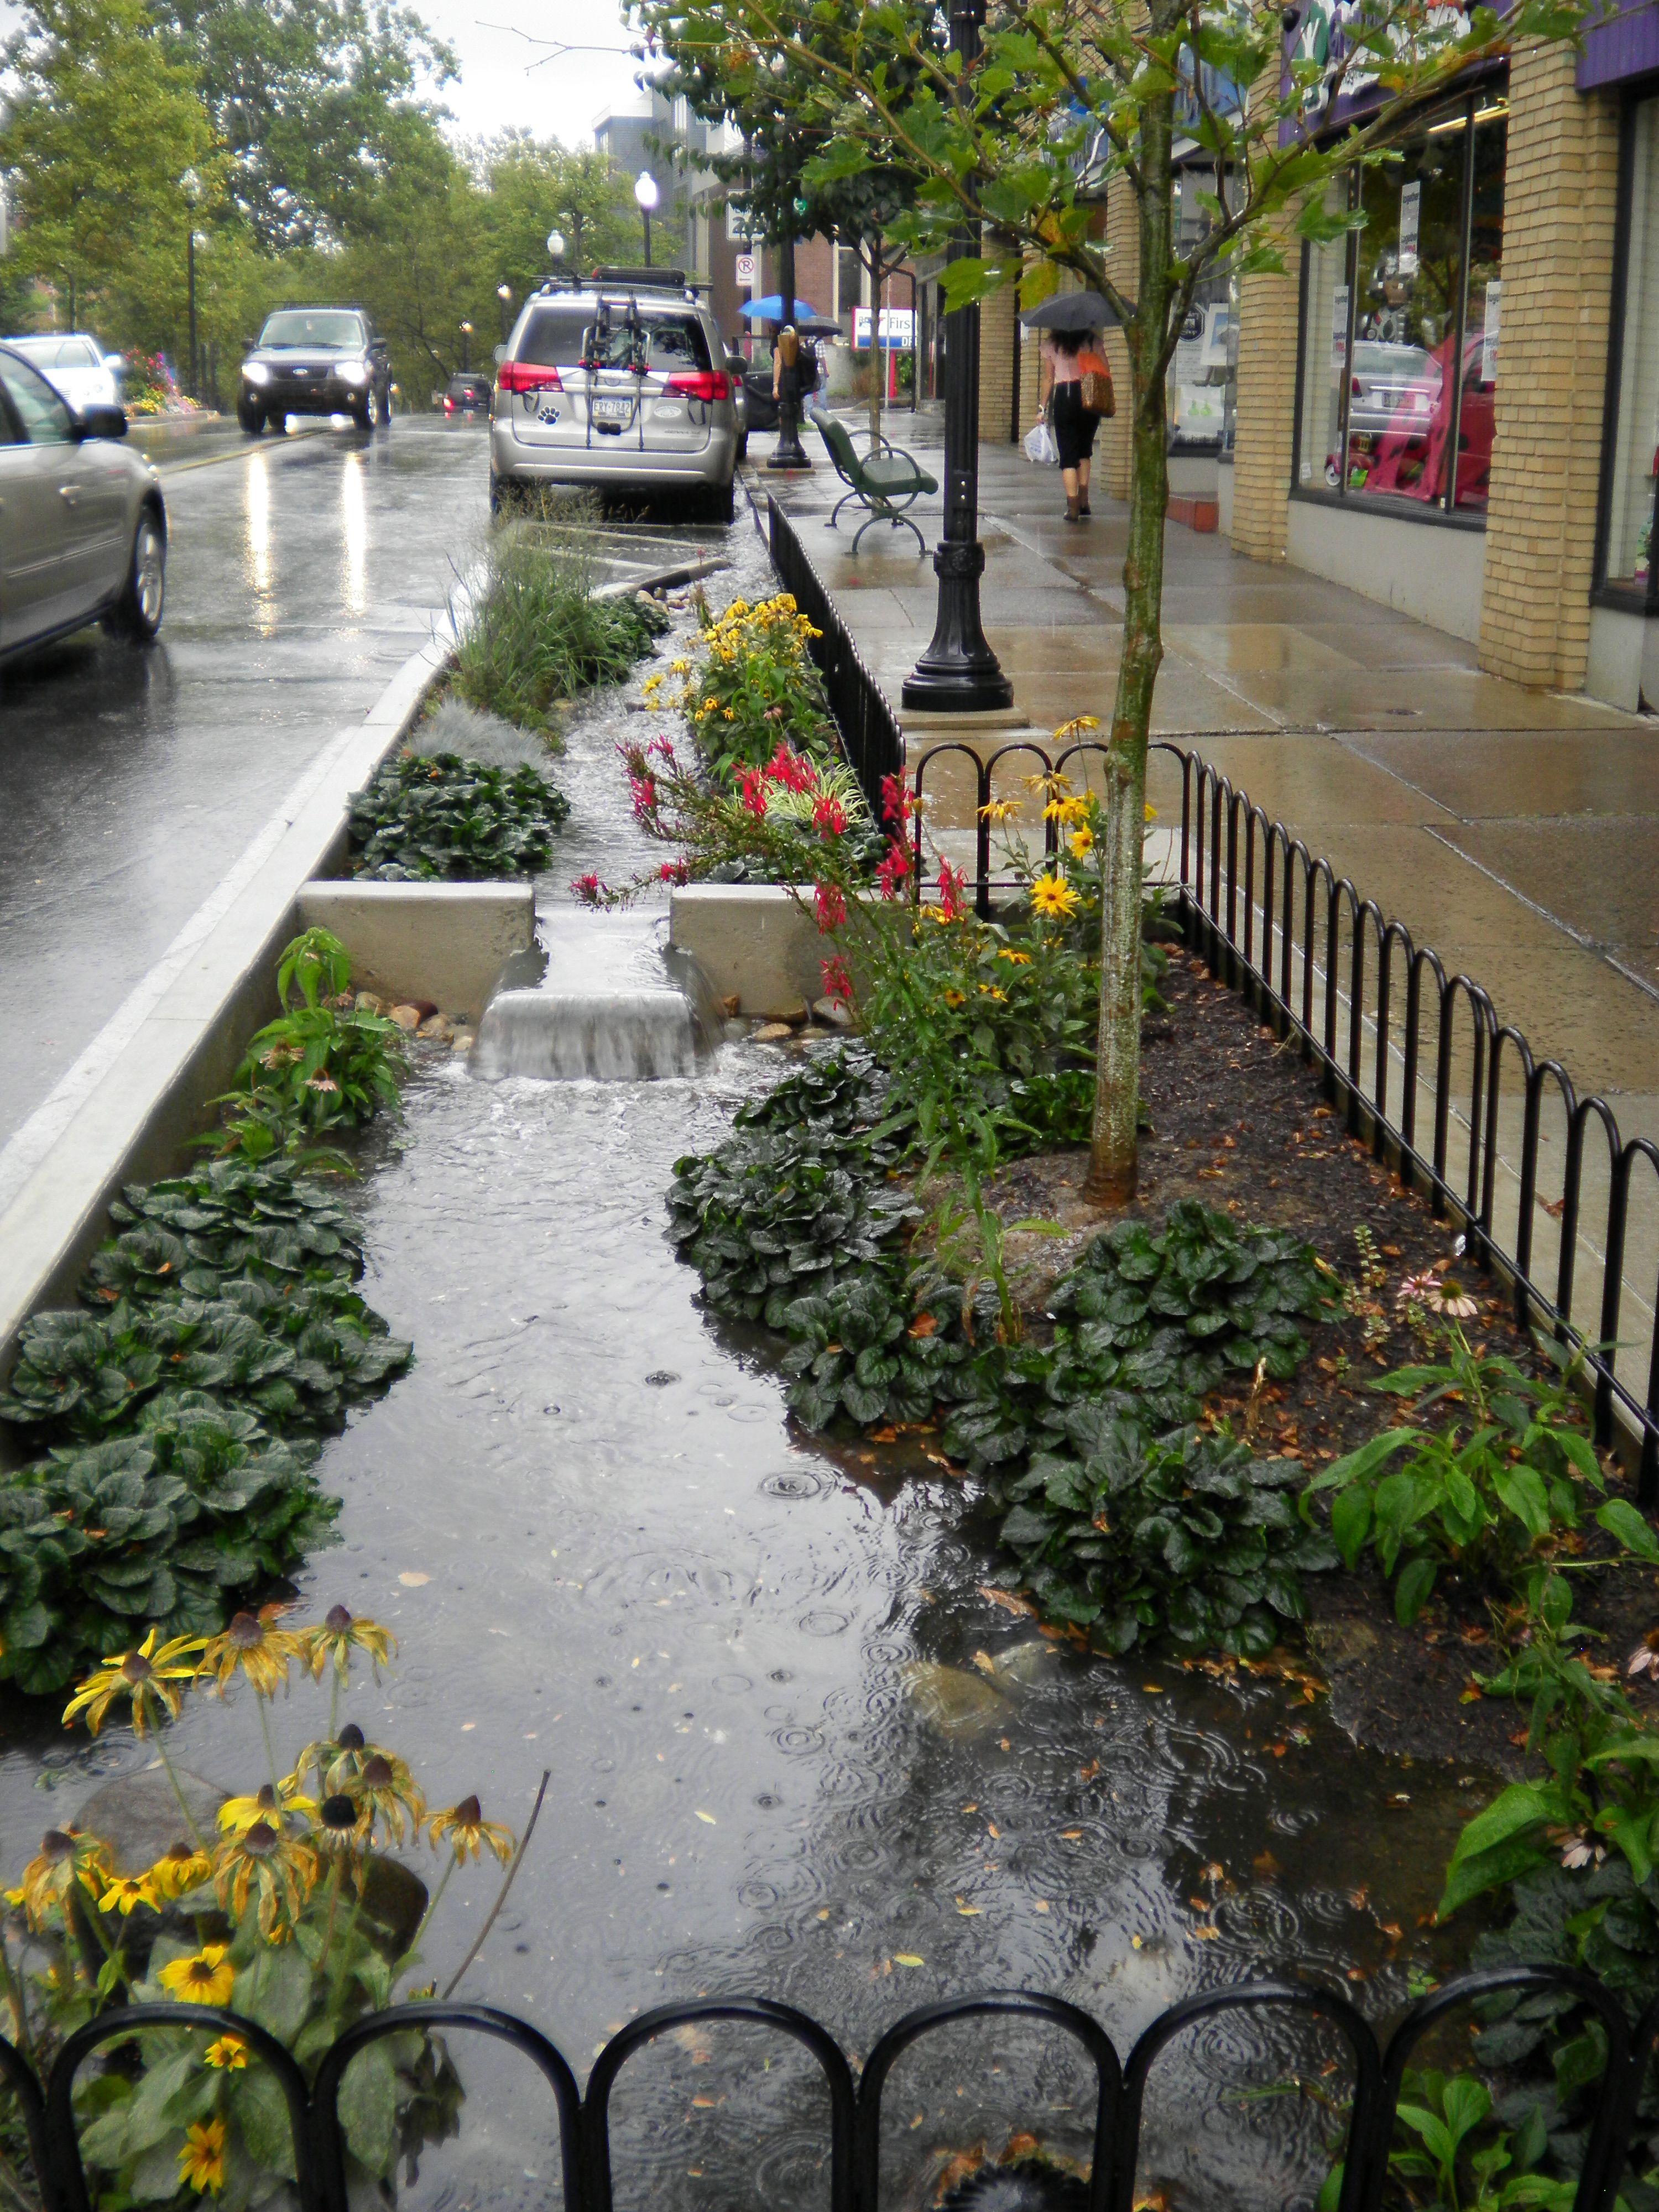 Borough Of State College Government Allen Street Rain Gardens Rain Garden Design Landscape Design Urban Garden